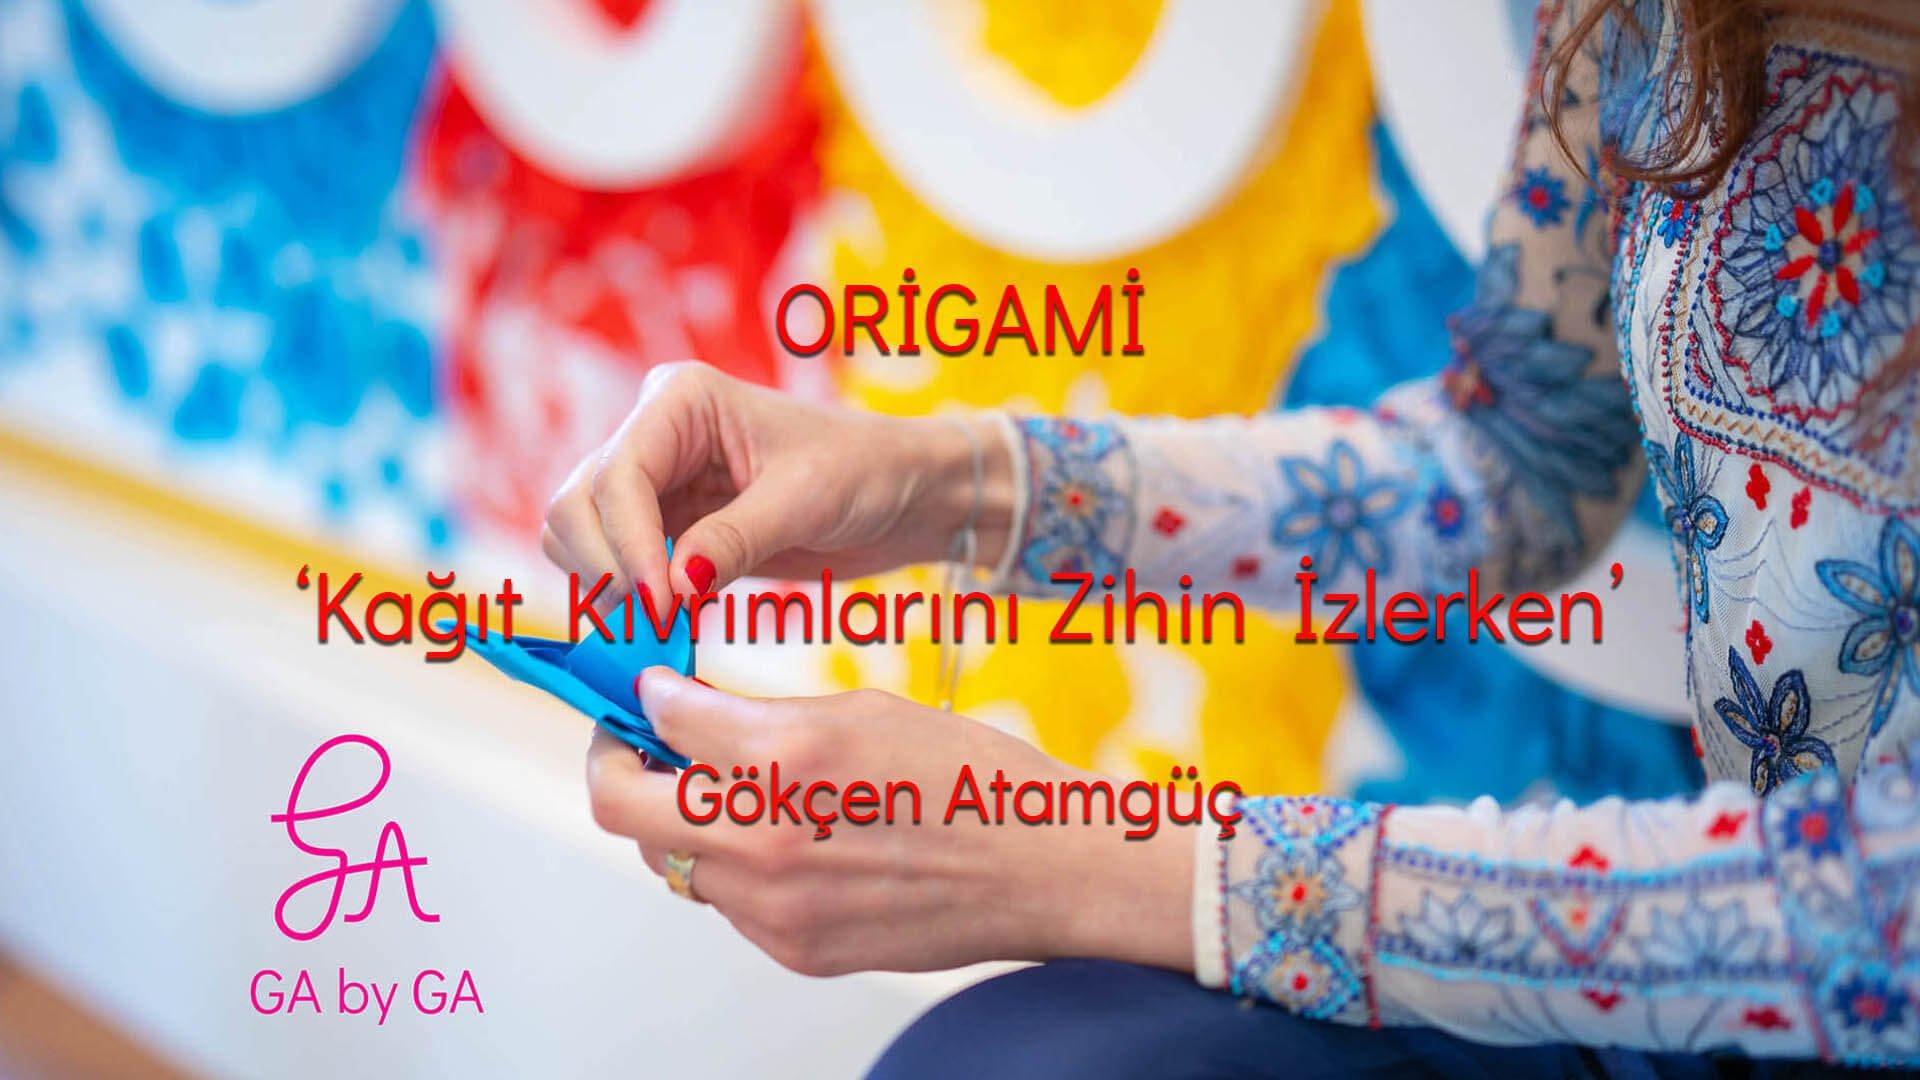 GA by GA - Gökçen Atamgüç